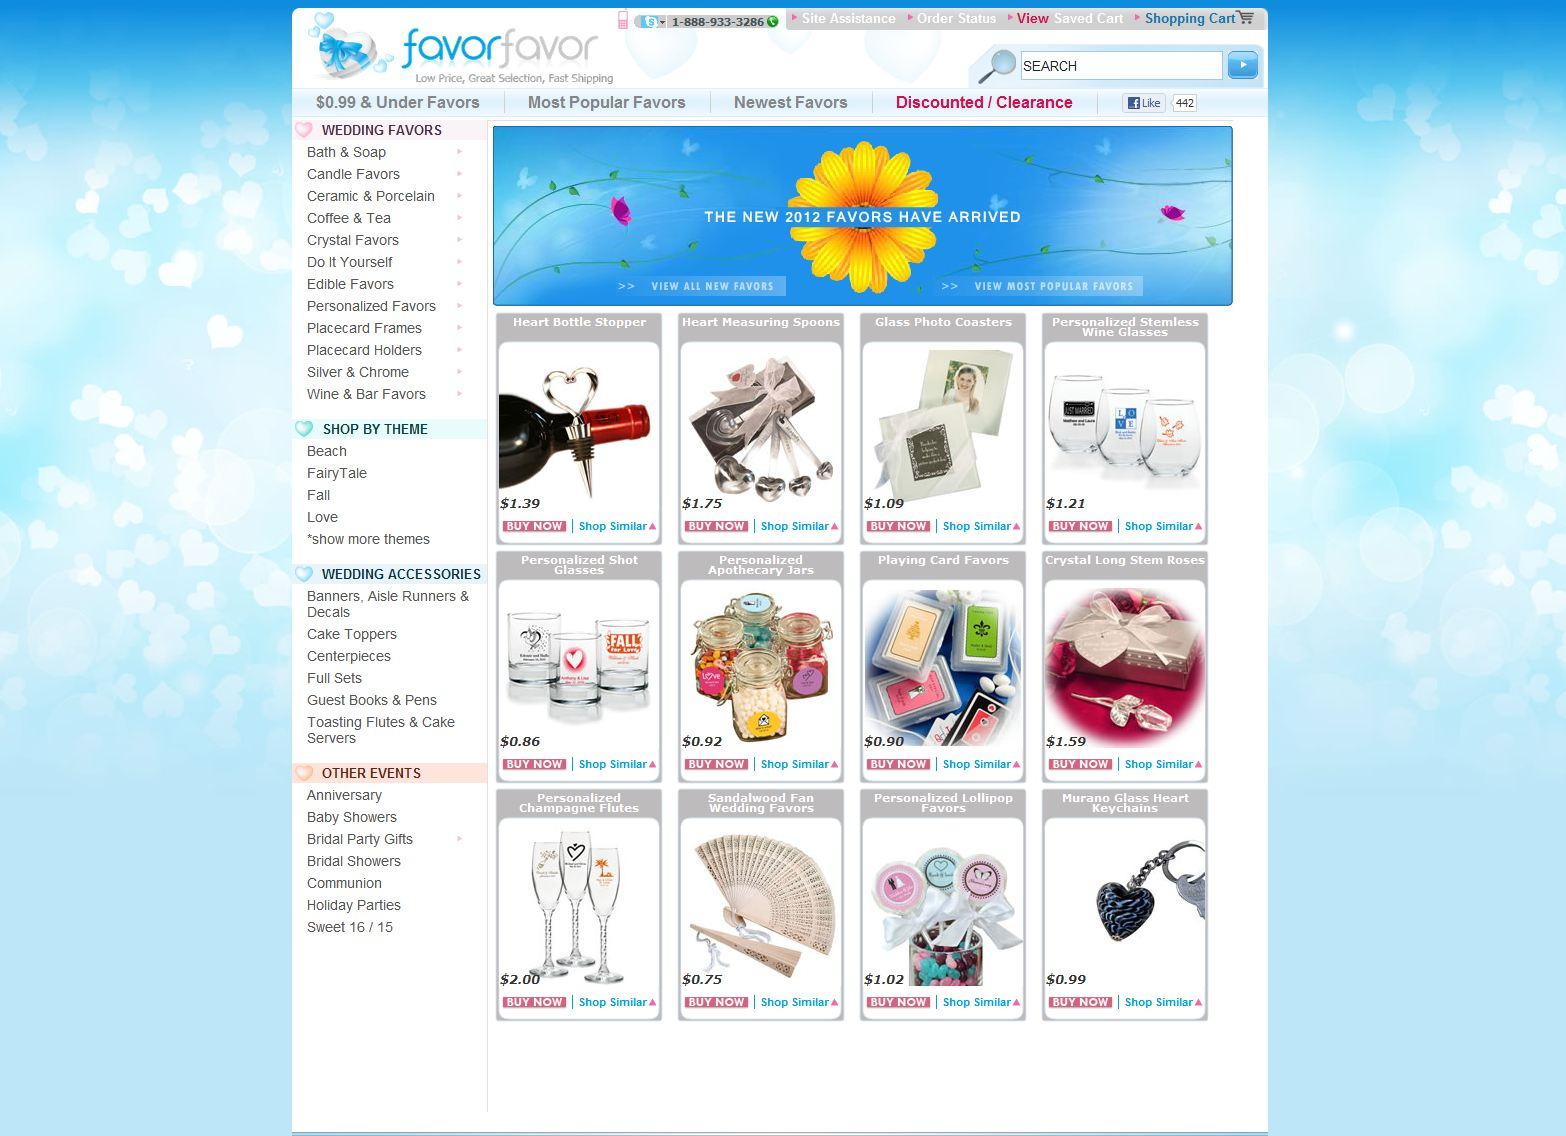 Favorfavor.com